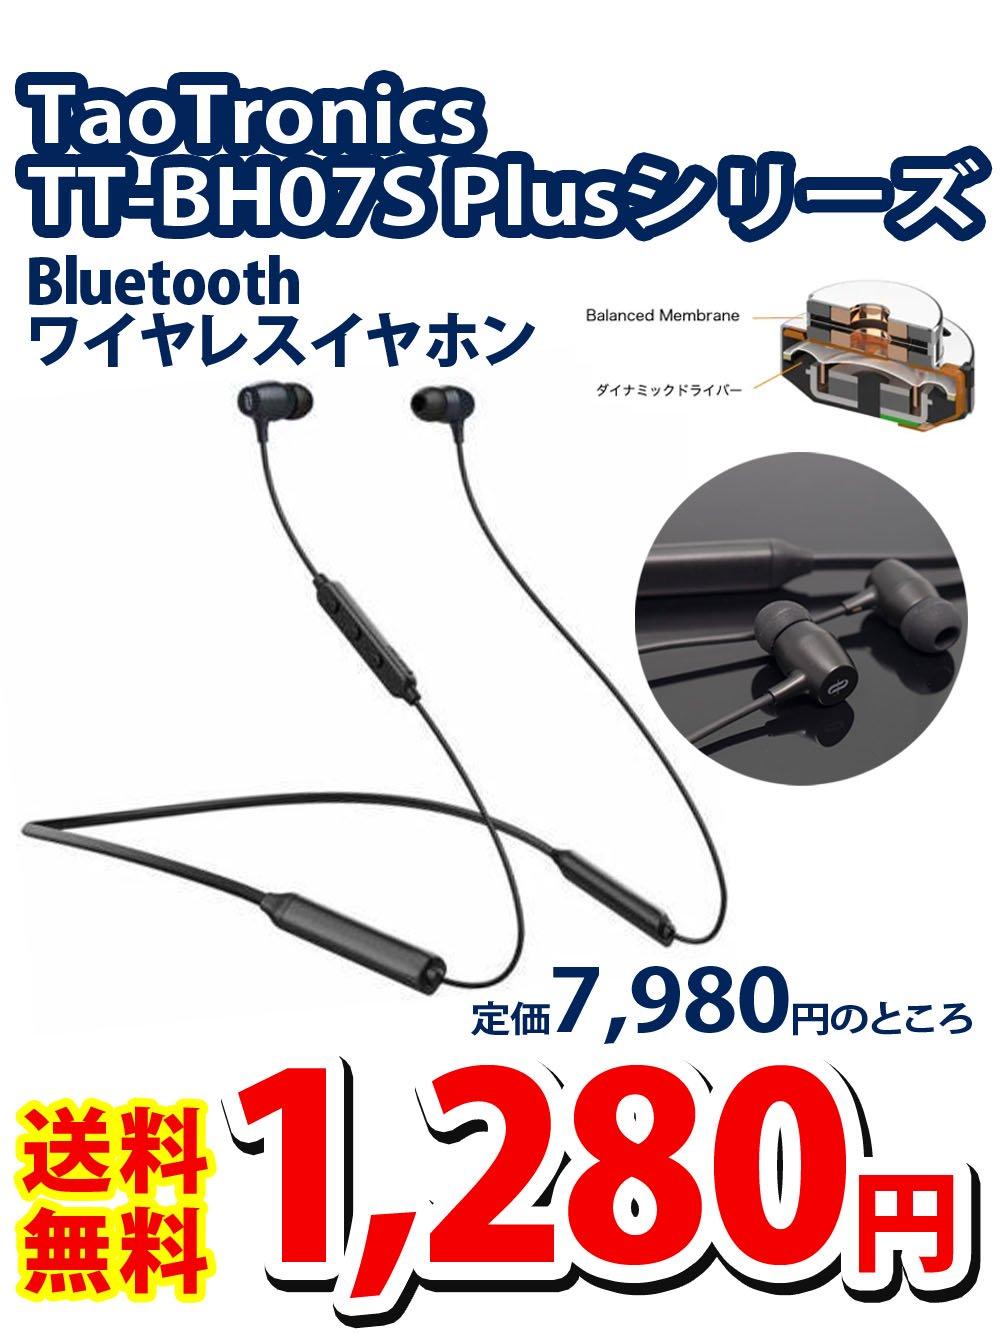 【送料無料】TT-BH07S-BK Bluetooth ワイヤレスイヤフォン【1280円】定価7,980円